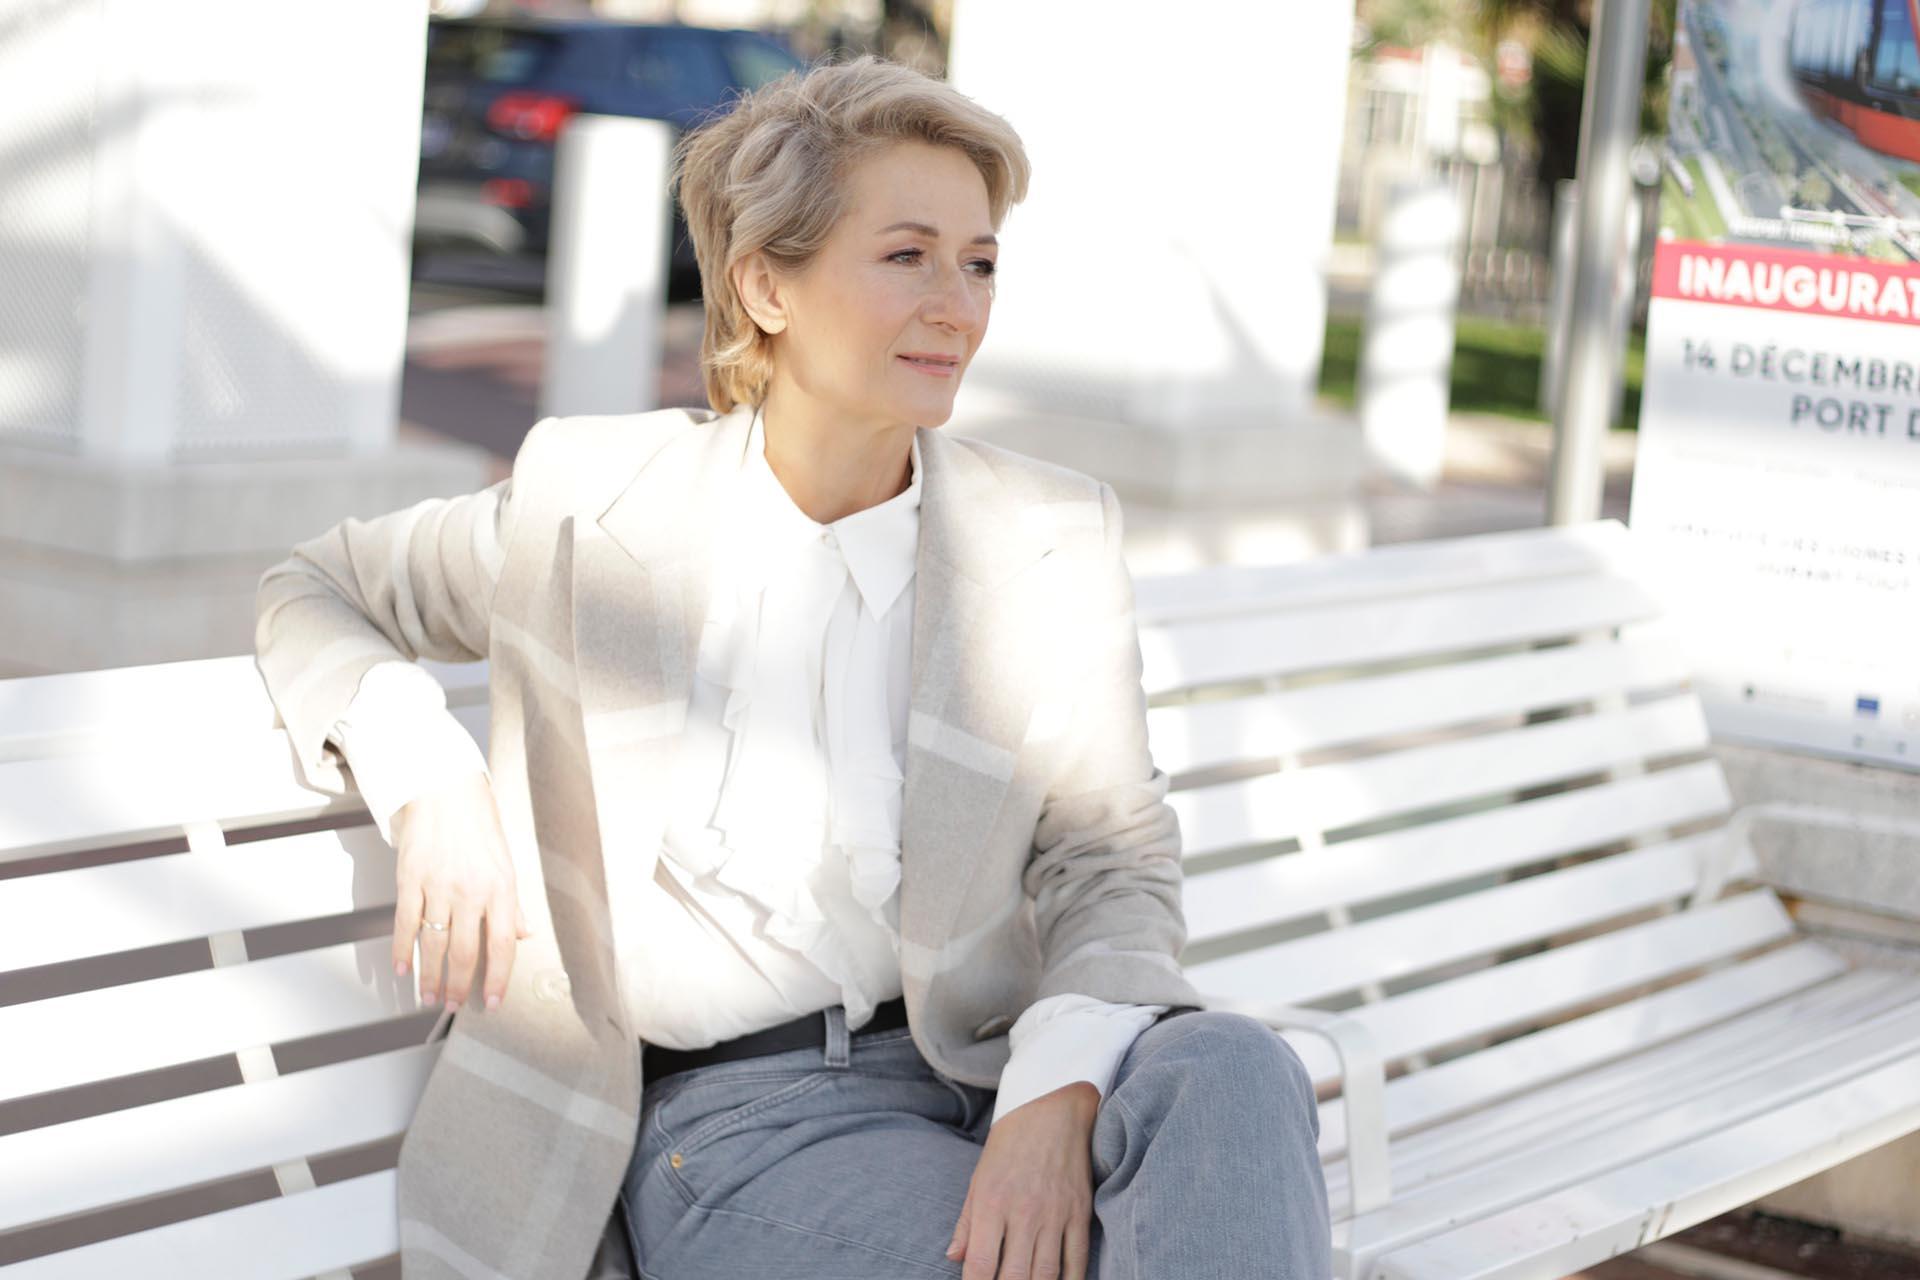 Елена Толкач, коуч по достижению личных и профессиональных амбициозных целей во Франции